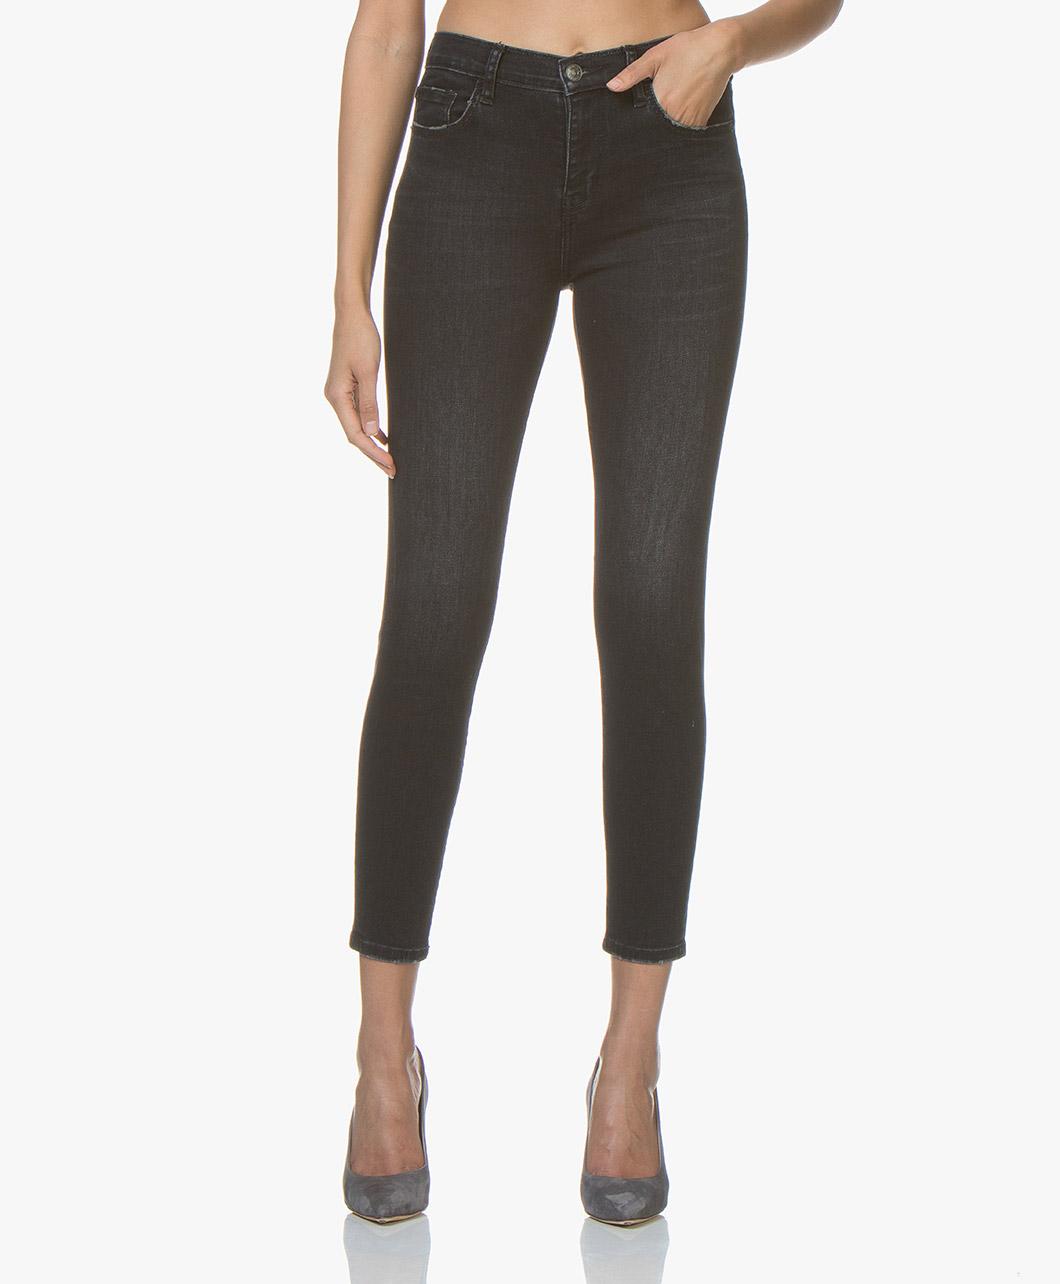 Afbeelding van Current/Elliott The High Waist Stiletto Skinny Jeans Zwart 1 Yearn Worn